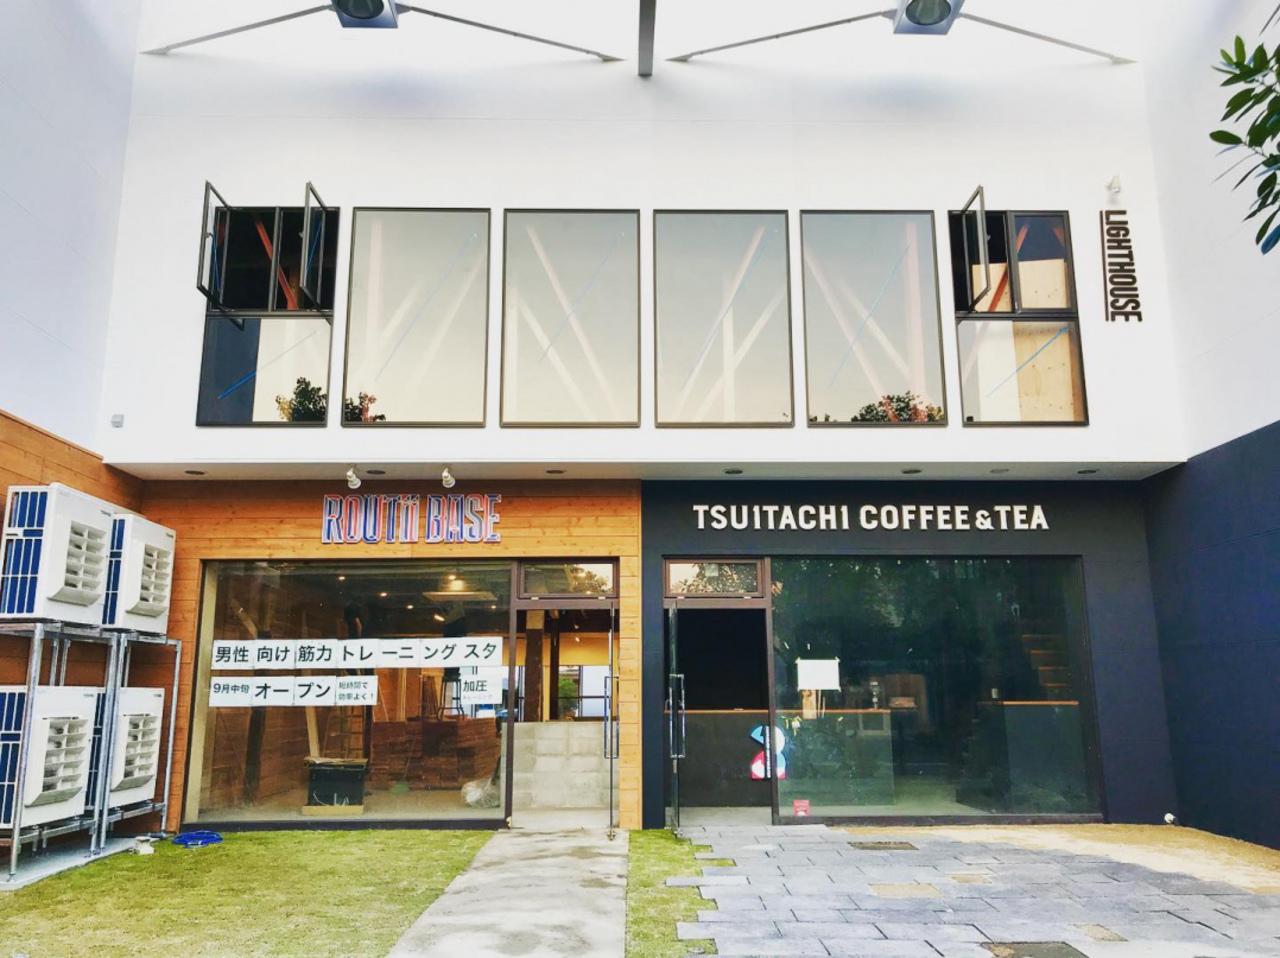 佐賀県佐賀市唐人2丁目に3つのお店が入る複合施設「TOJIN242」が明日プレオープンのようです。